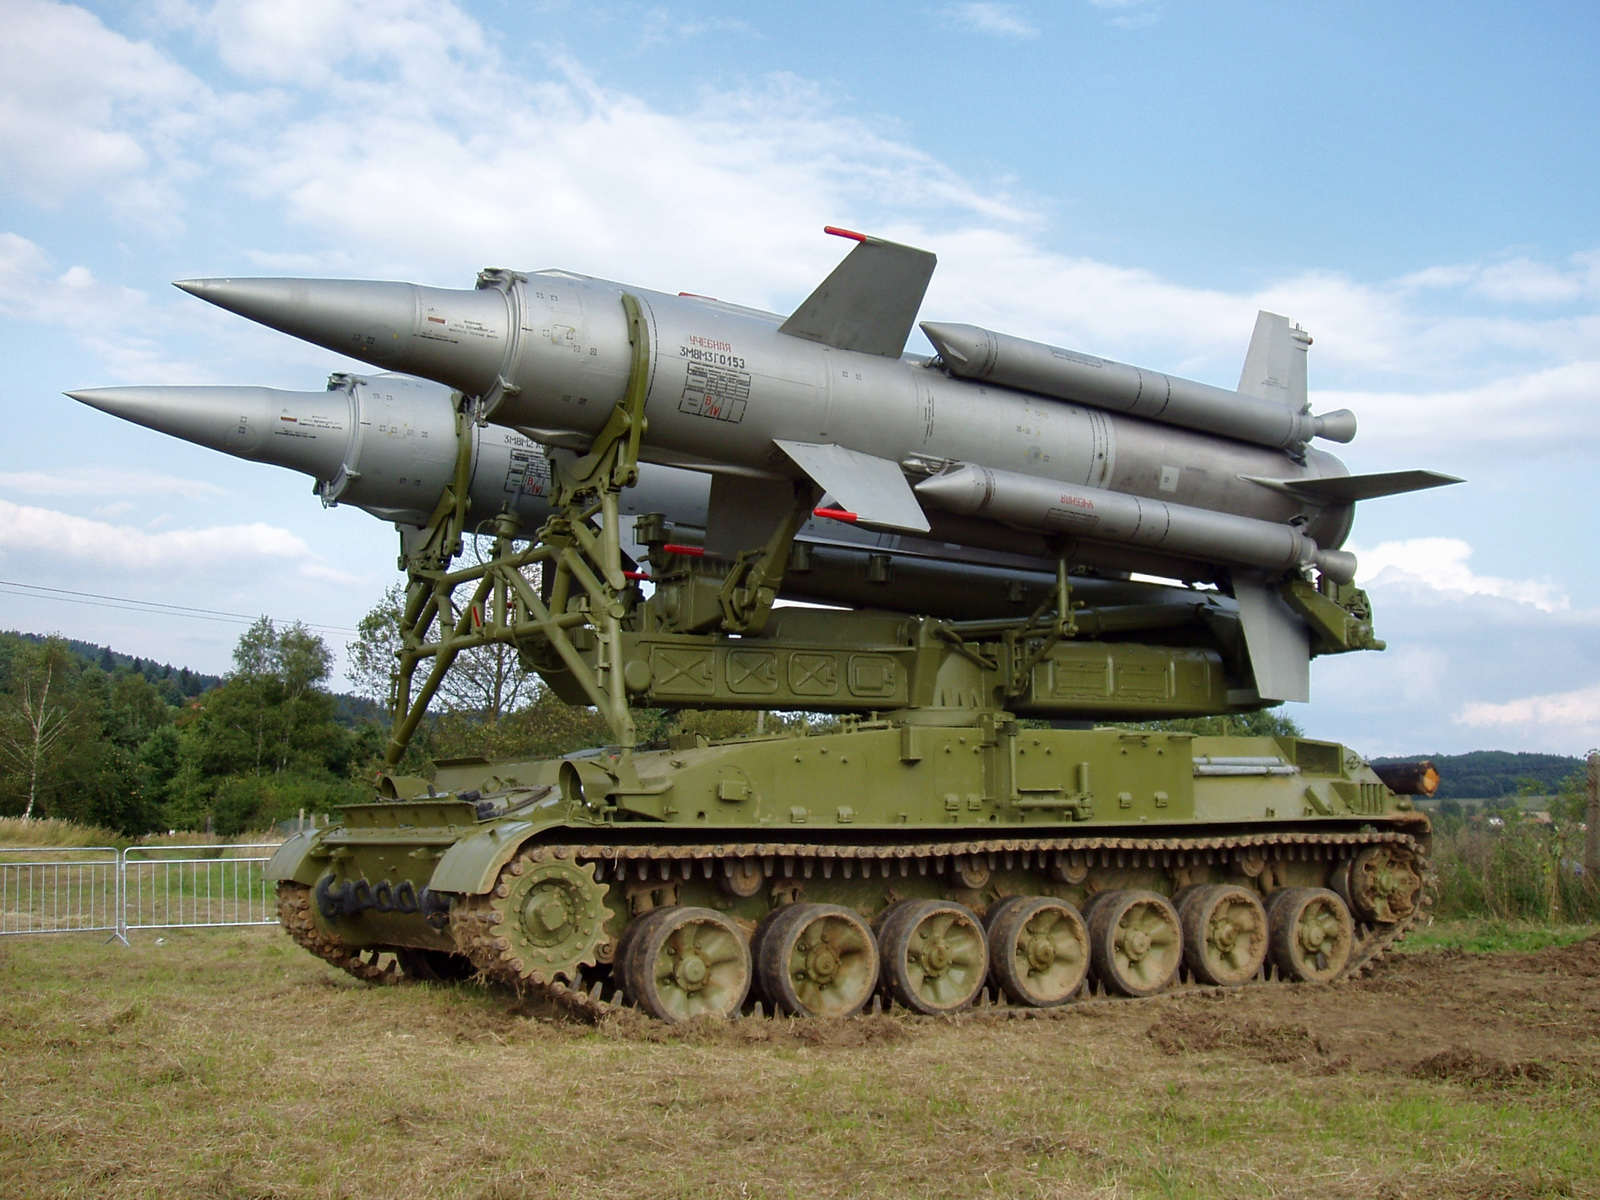 Ένα χαλασμένο άρμα μάχης και ένας «λυγισμένος» (;) πύραυλος έδειξαν την κακή εικόνα των βορειοκορεατικών ΕΔ (φωτό, βίντεο) - Εικόνα7